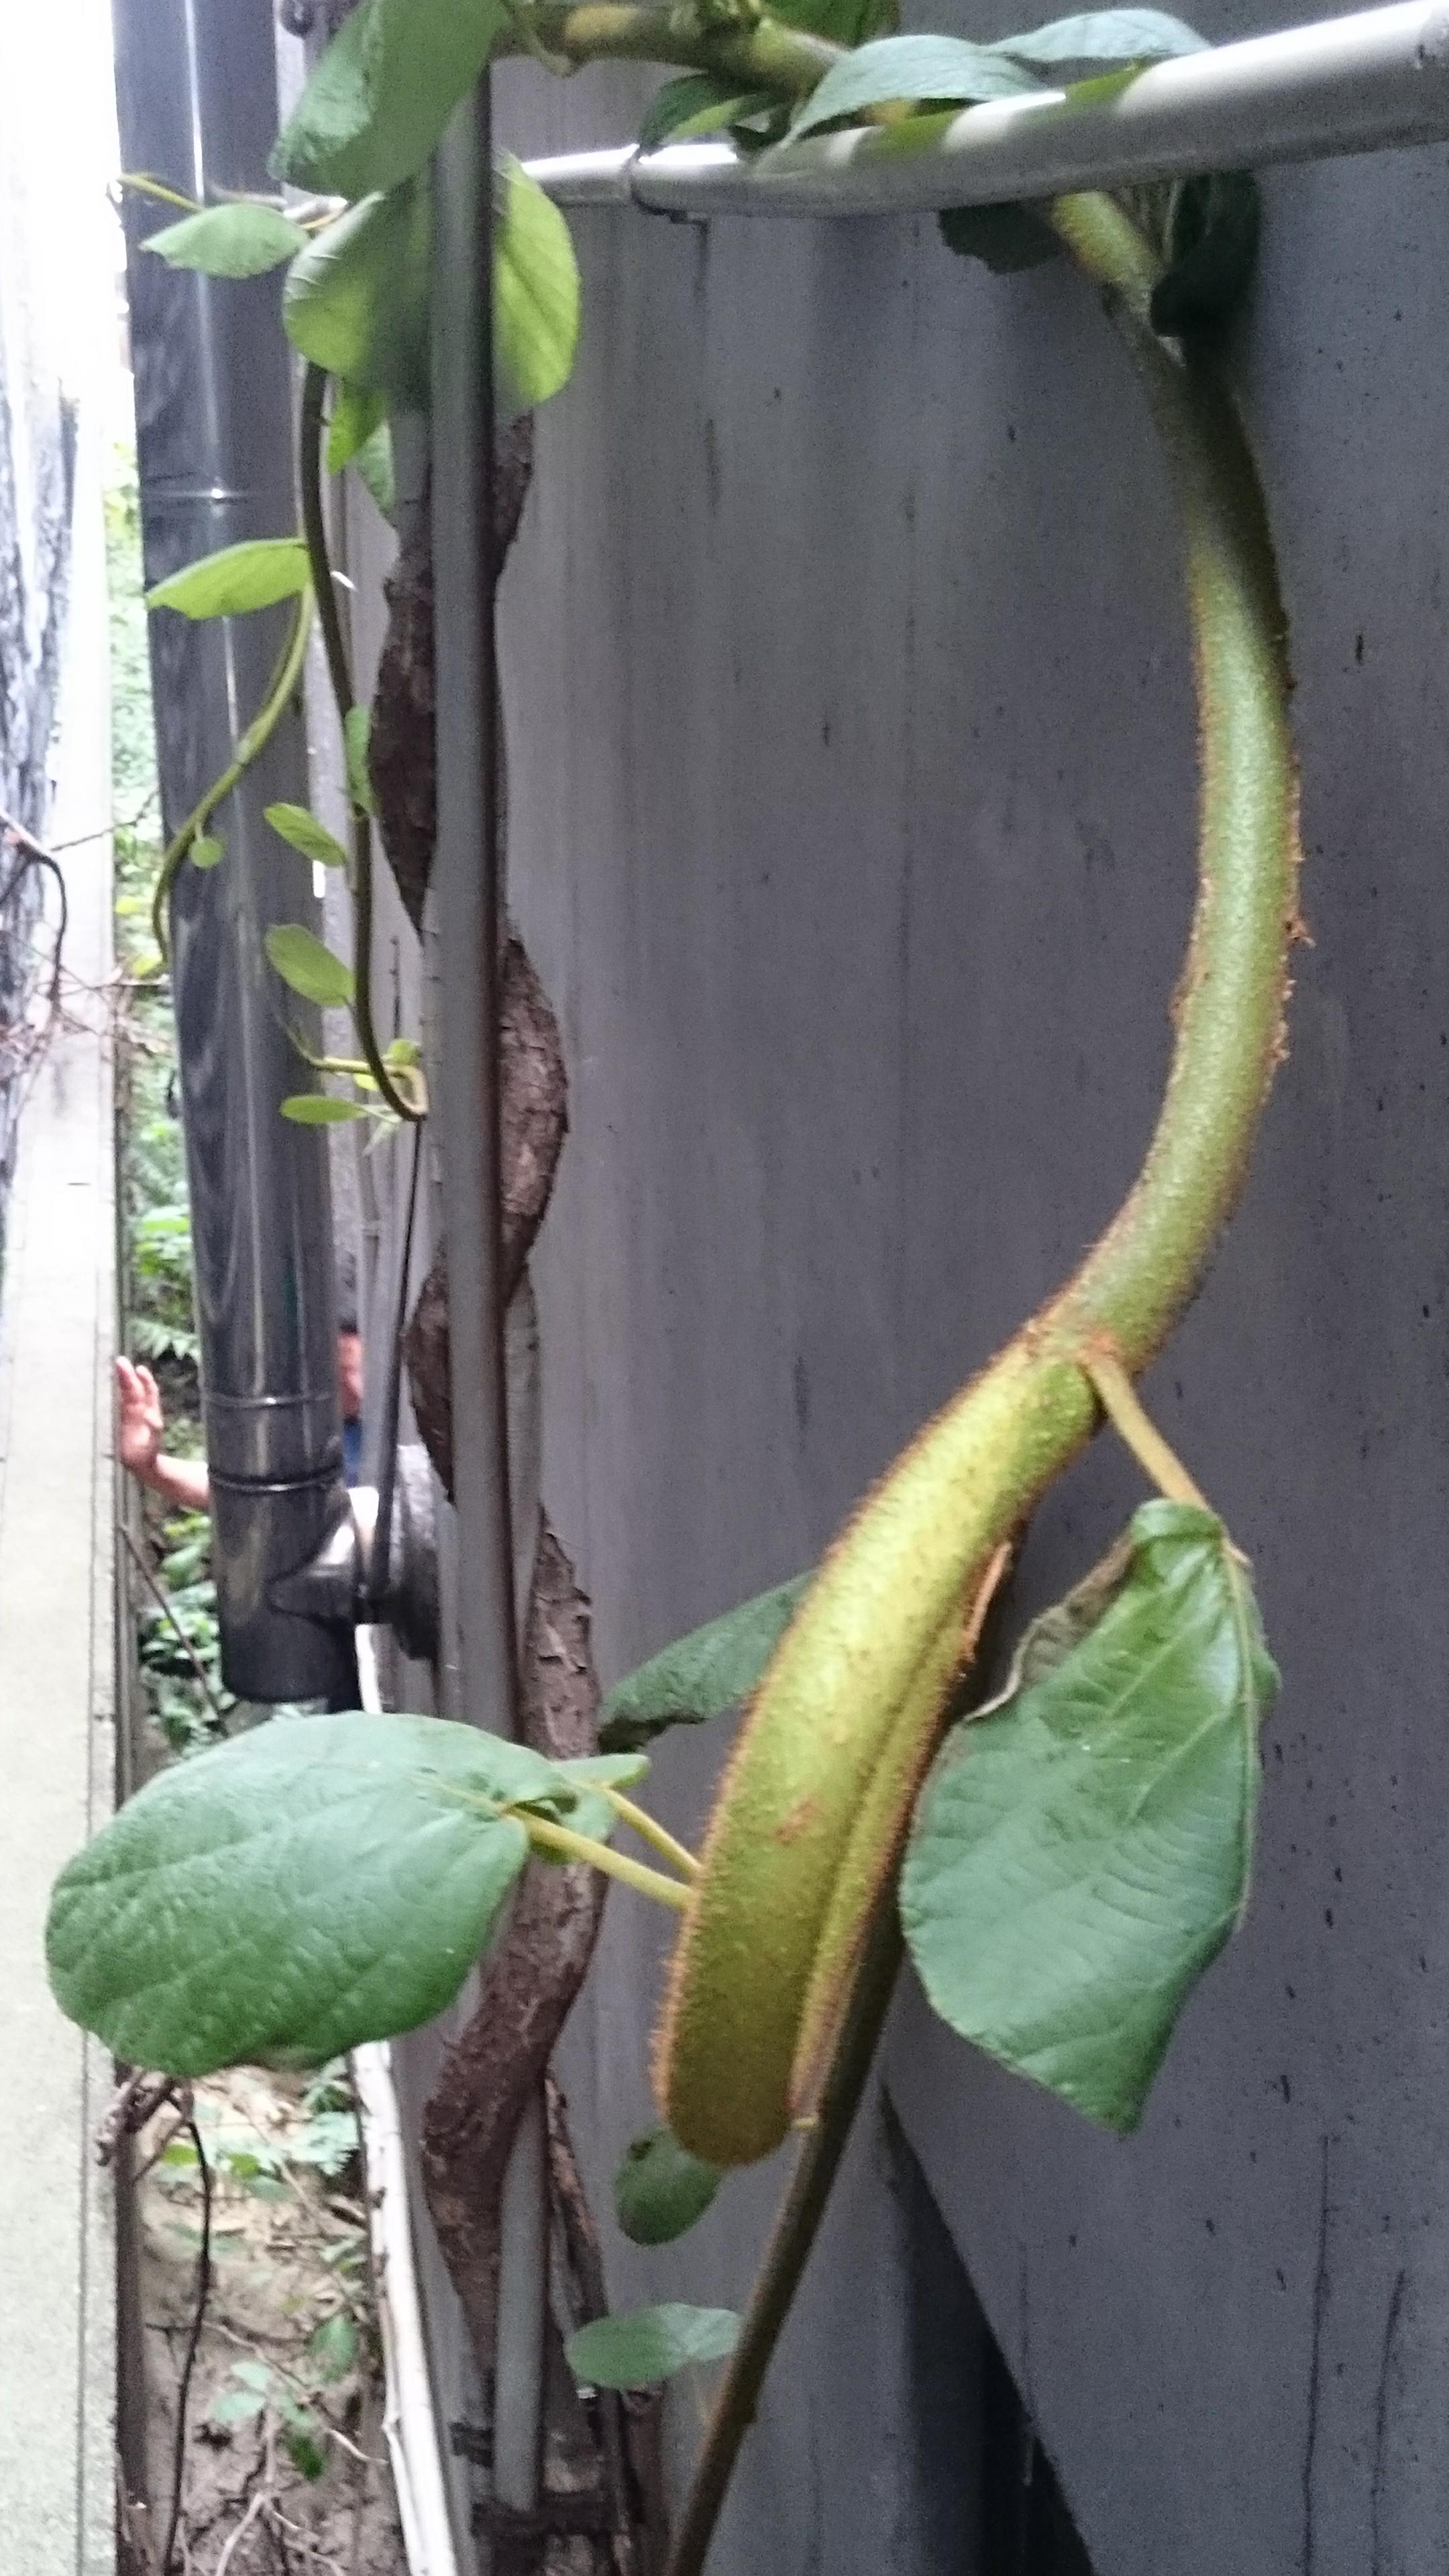 大蛇のような巨大植物はキウイの木でした